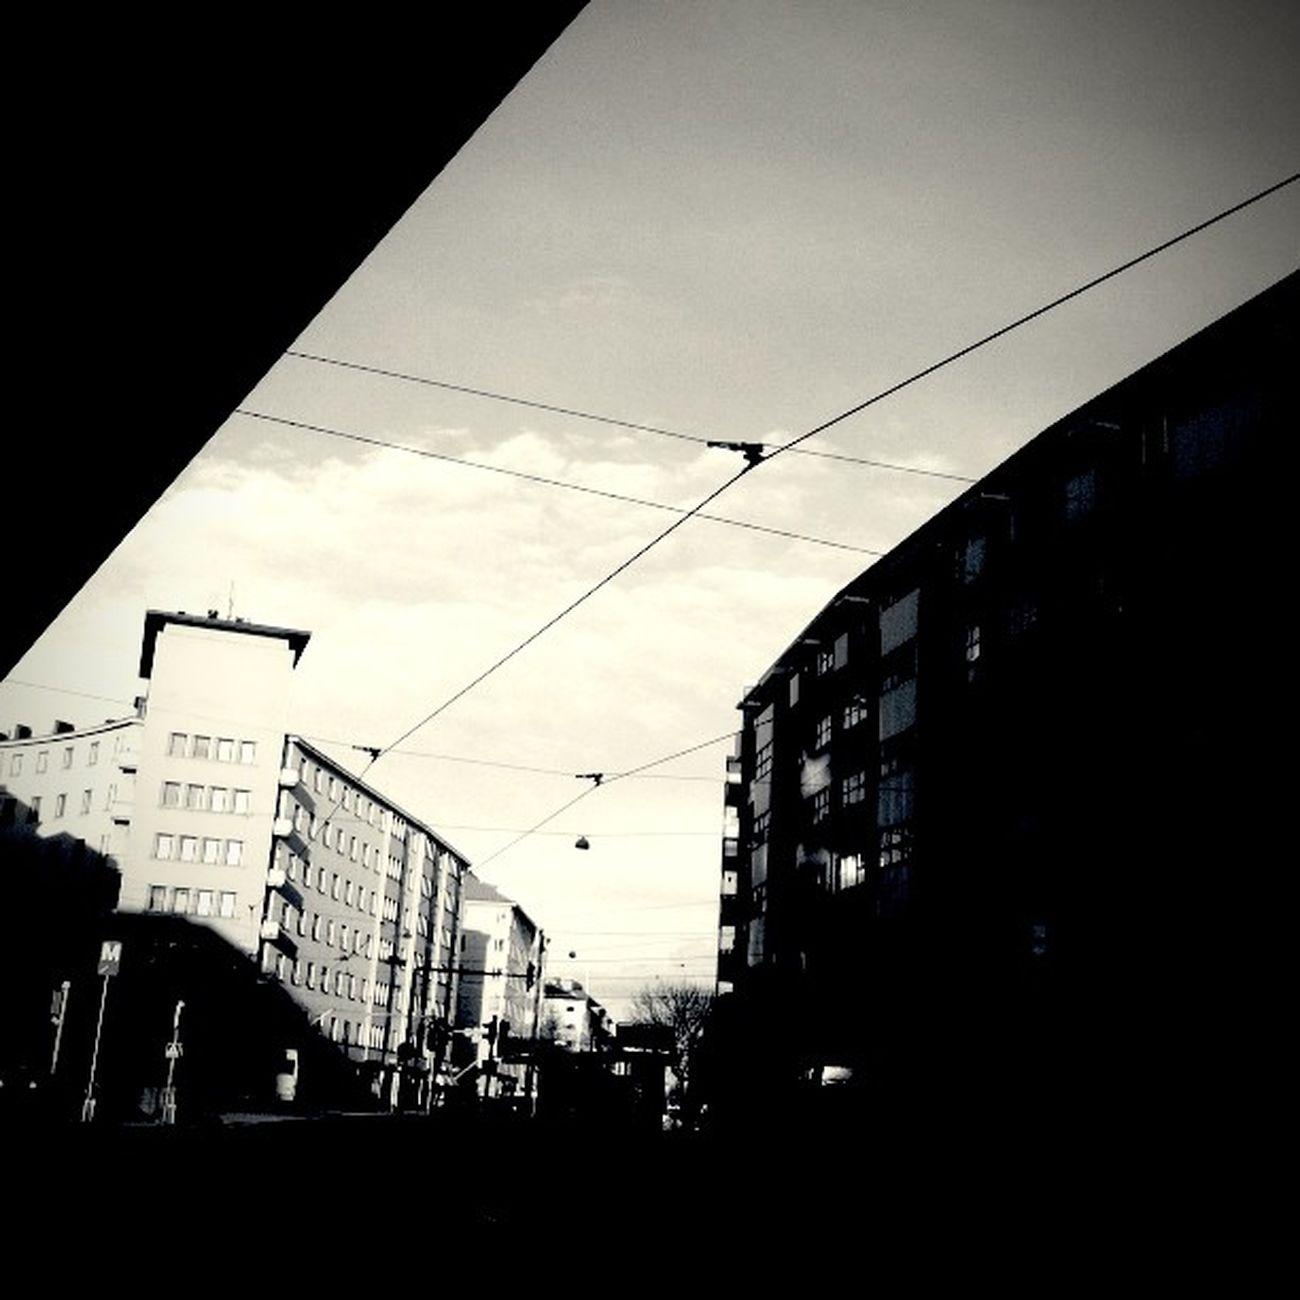 Instafisheye Morning Helsinki Sörnäinen finland